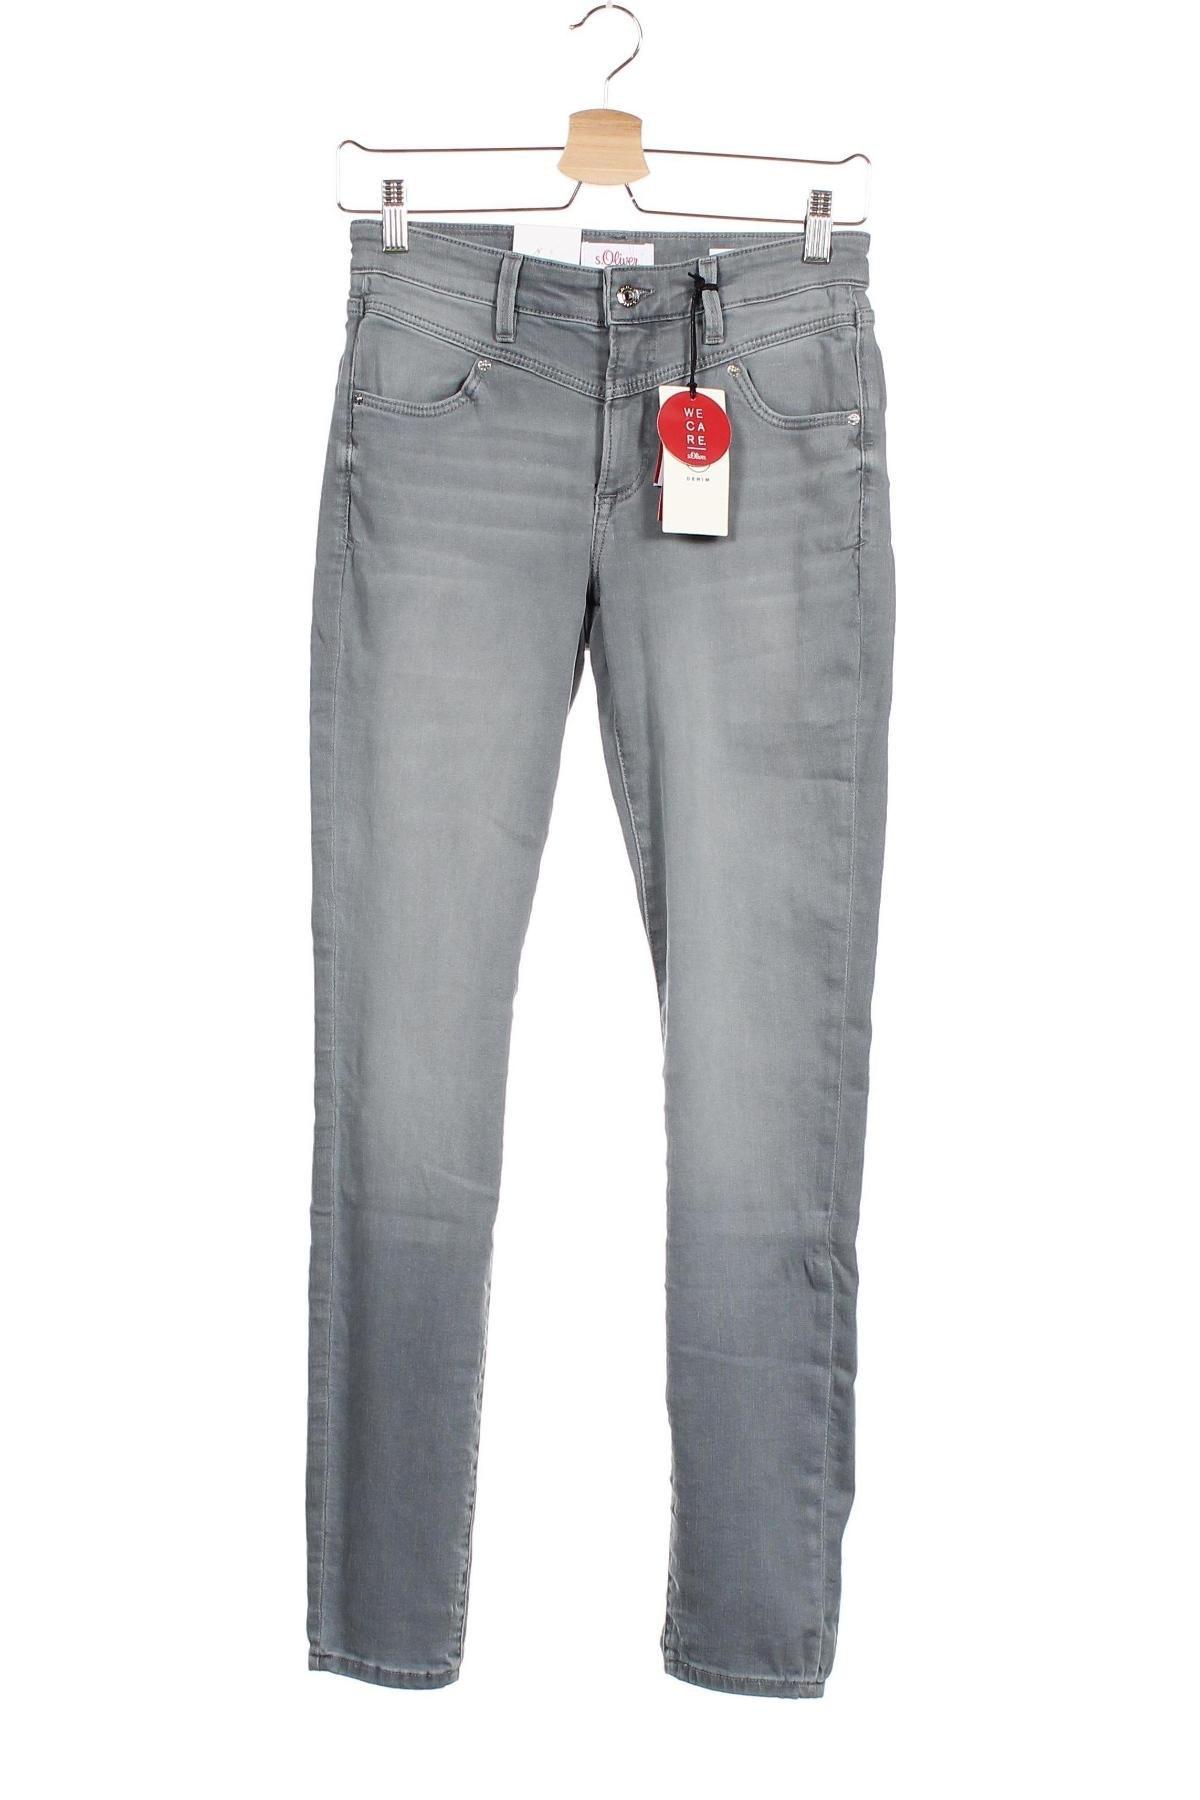 Дамски дънки S.Oliver, Размер XS, Цвят Сив, 86% памук, 12% полиестер, 2% еластан, Цена 22,25лв.